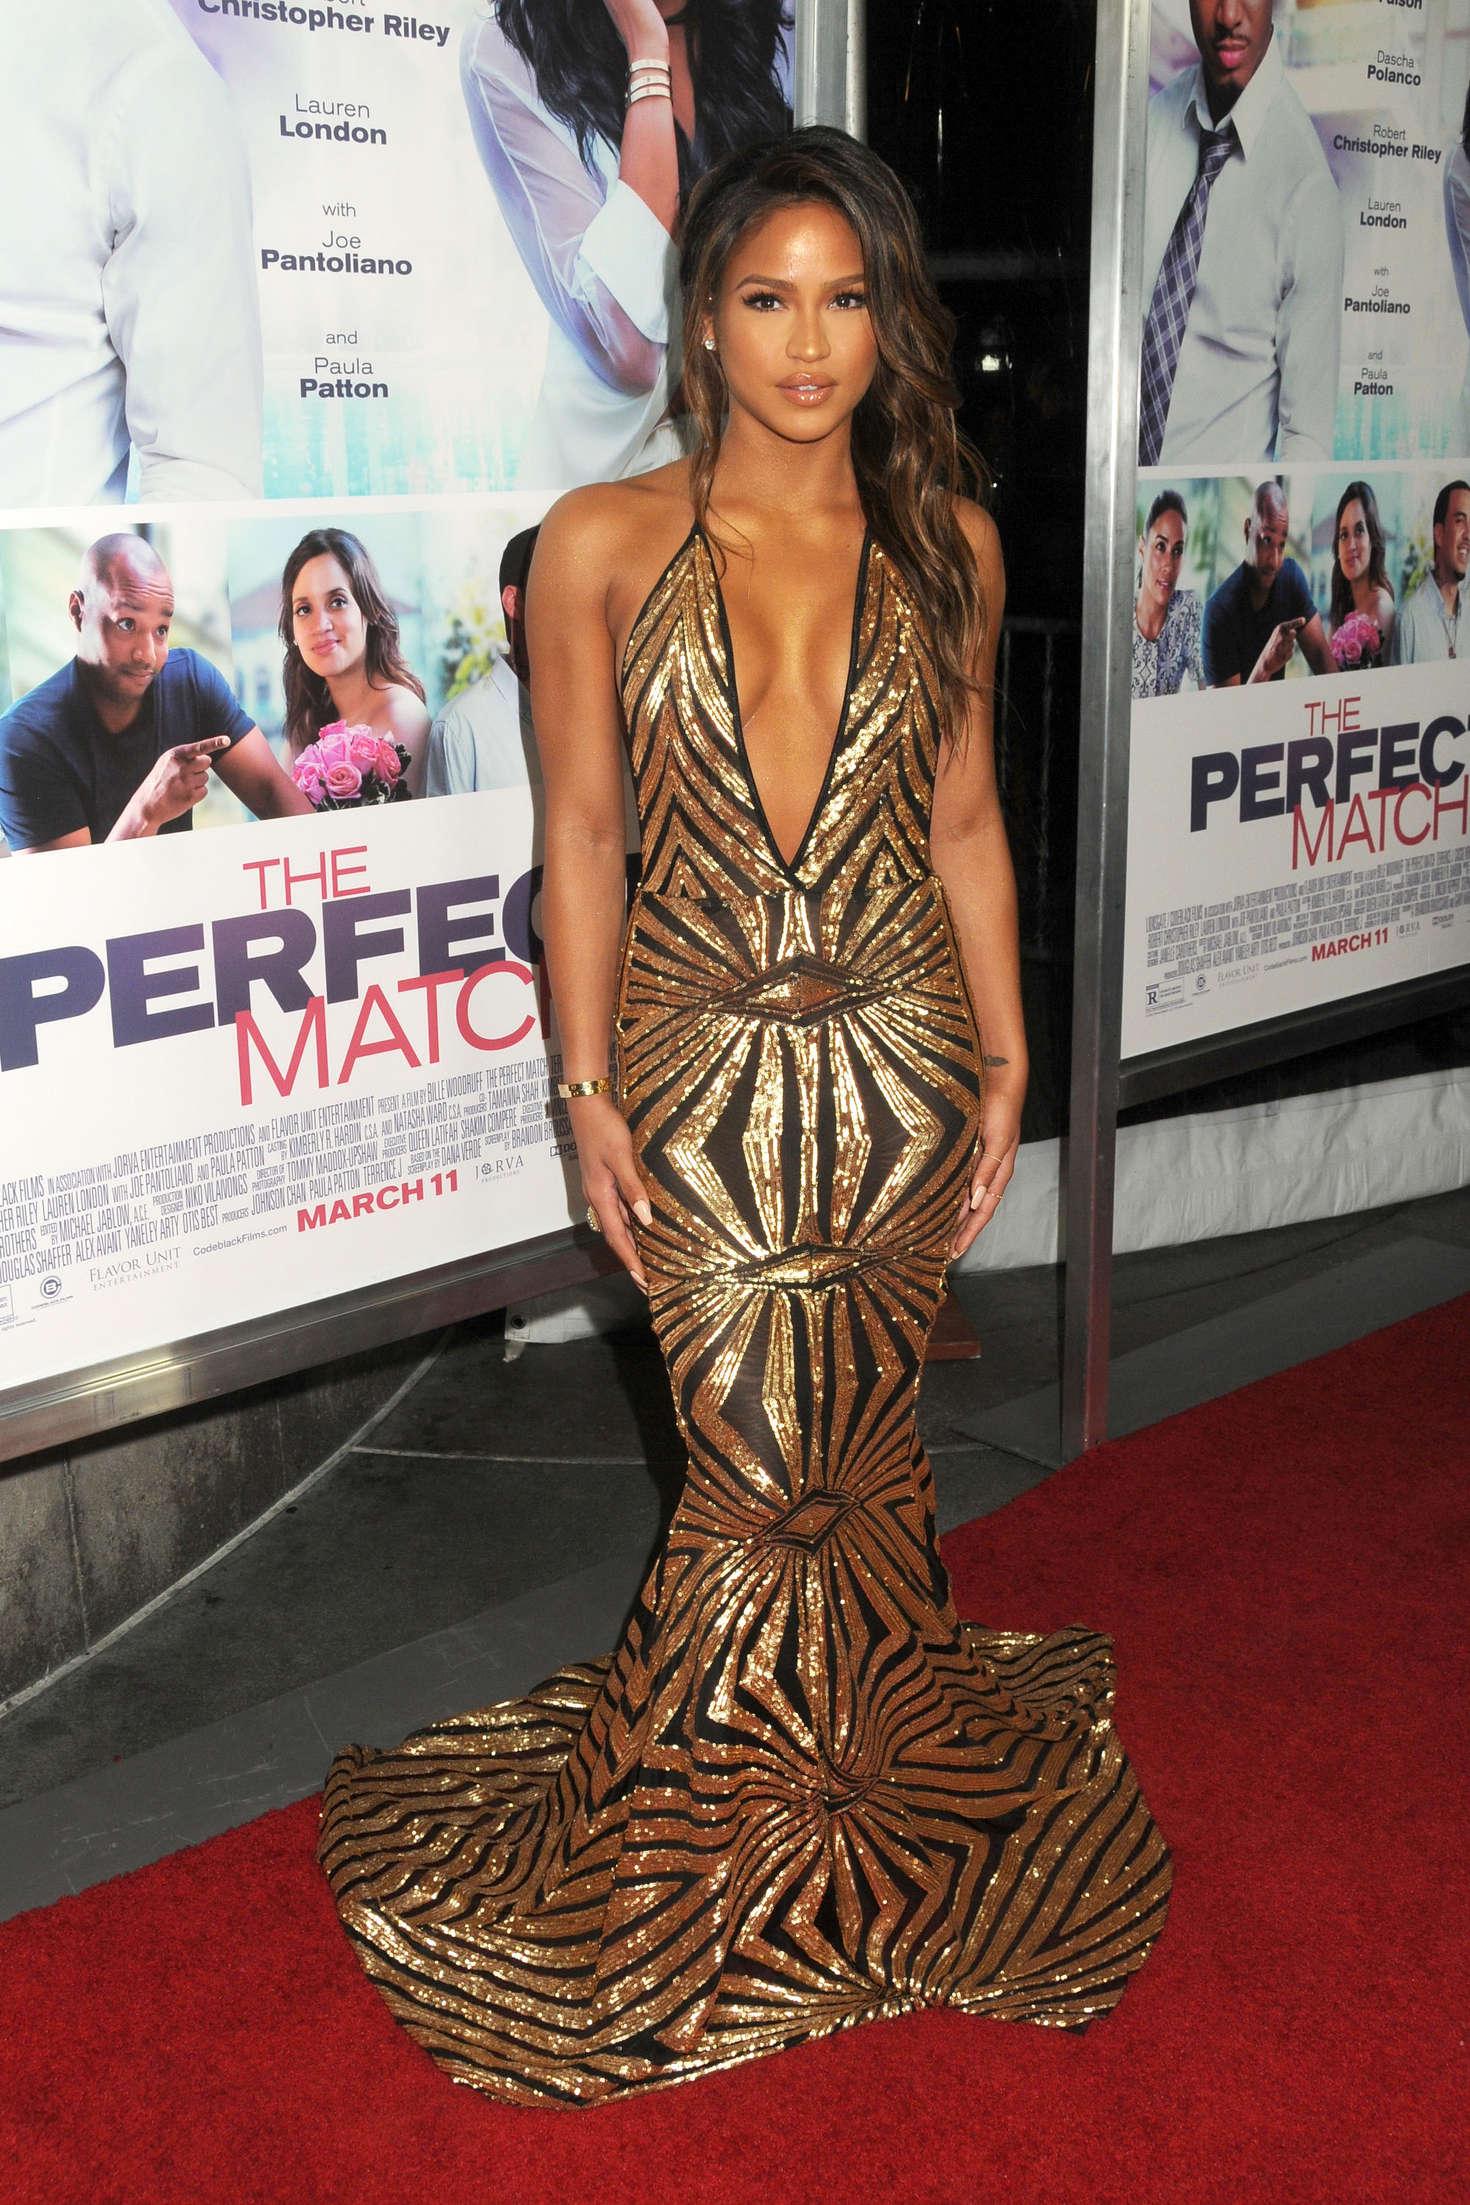 Cassie Ventura - Bio, Net Worth, Facts About Diddy's Ex-Girlfriend